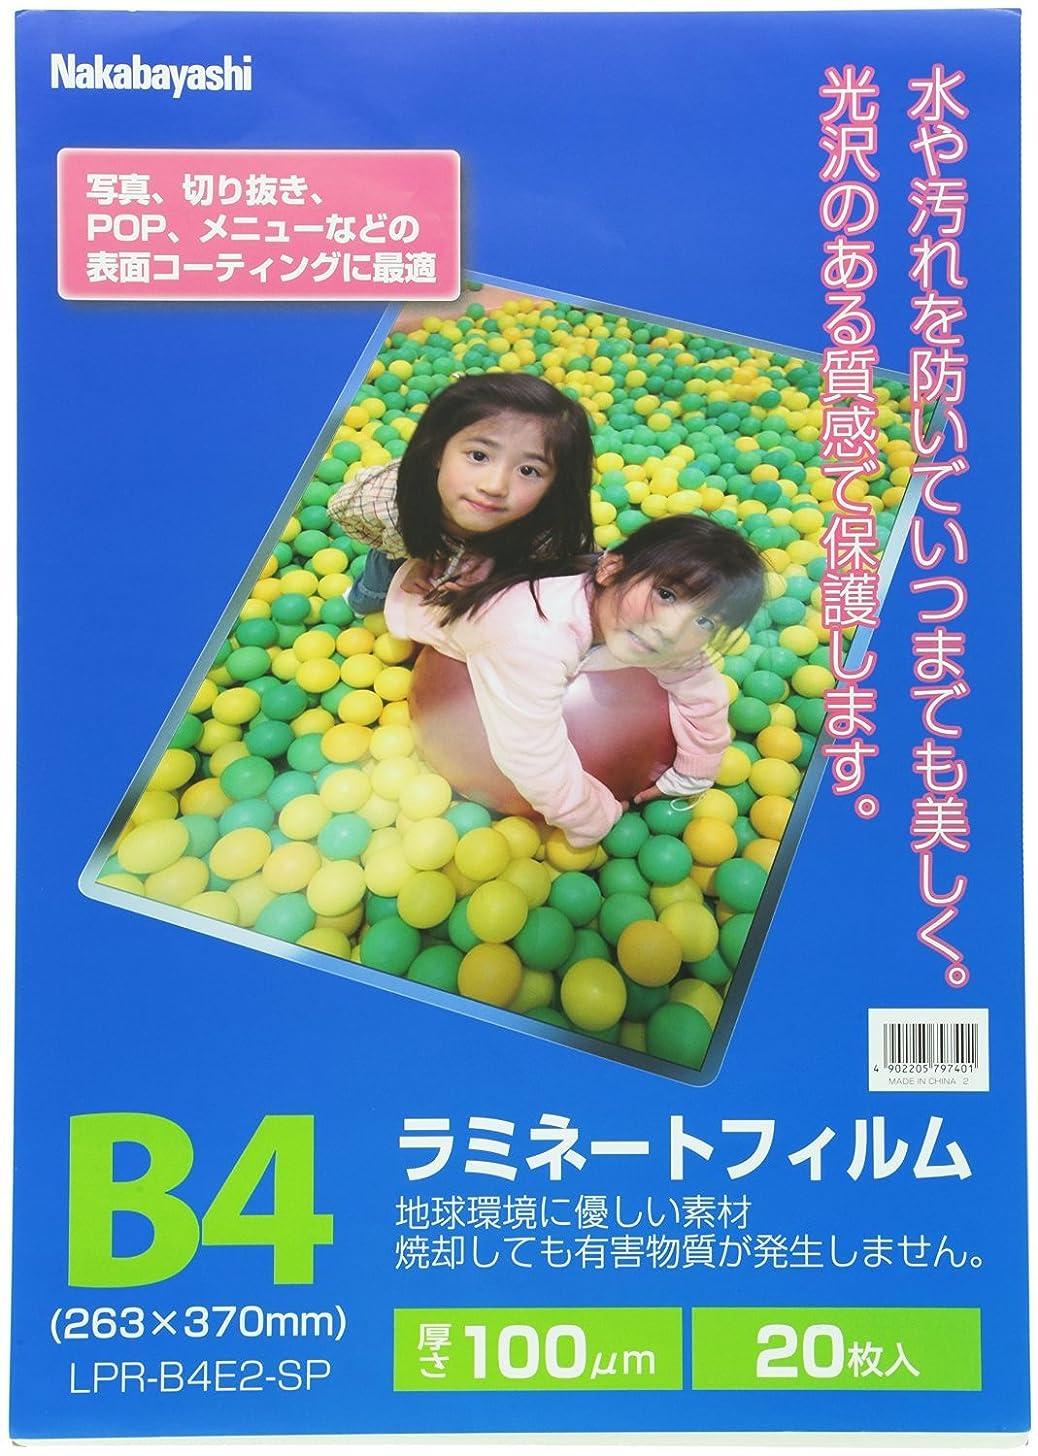 魅惑する留まる不調和ナカバヤシ ラミネートフィルム 263×370mm B4 LPR-B4E2-SP edlp190 【100枚入】